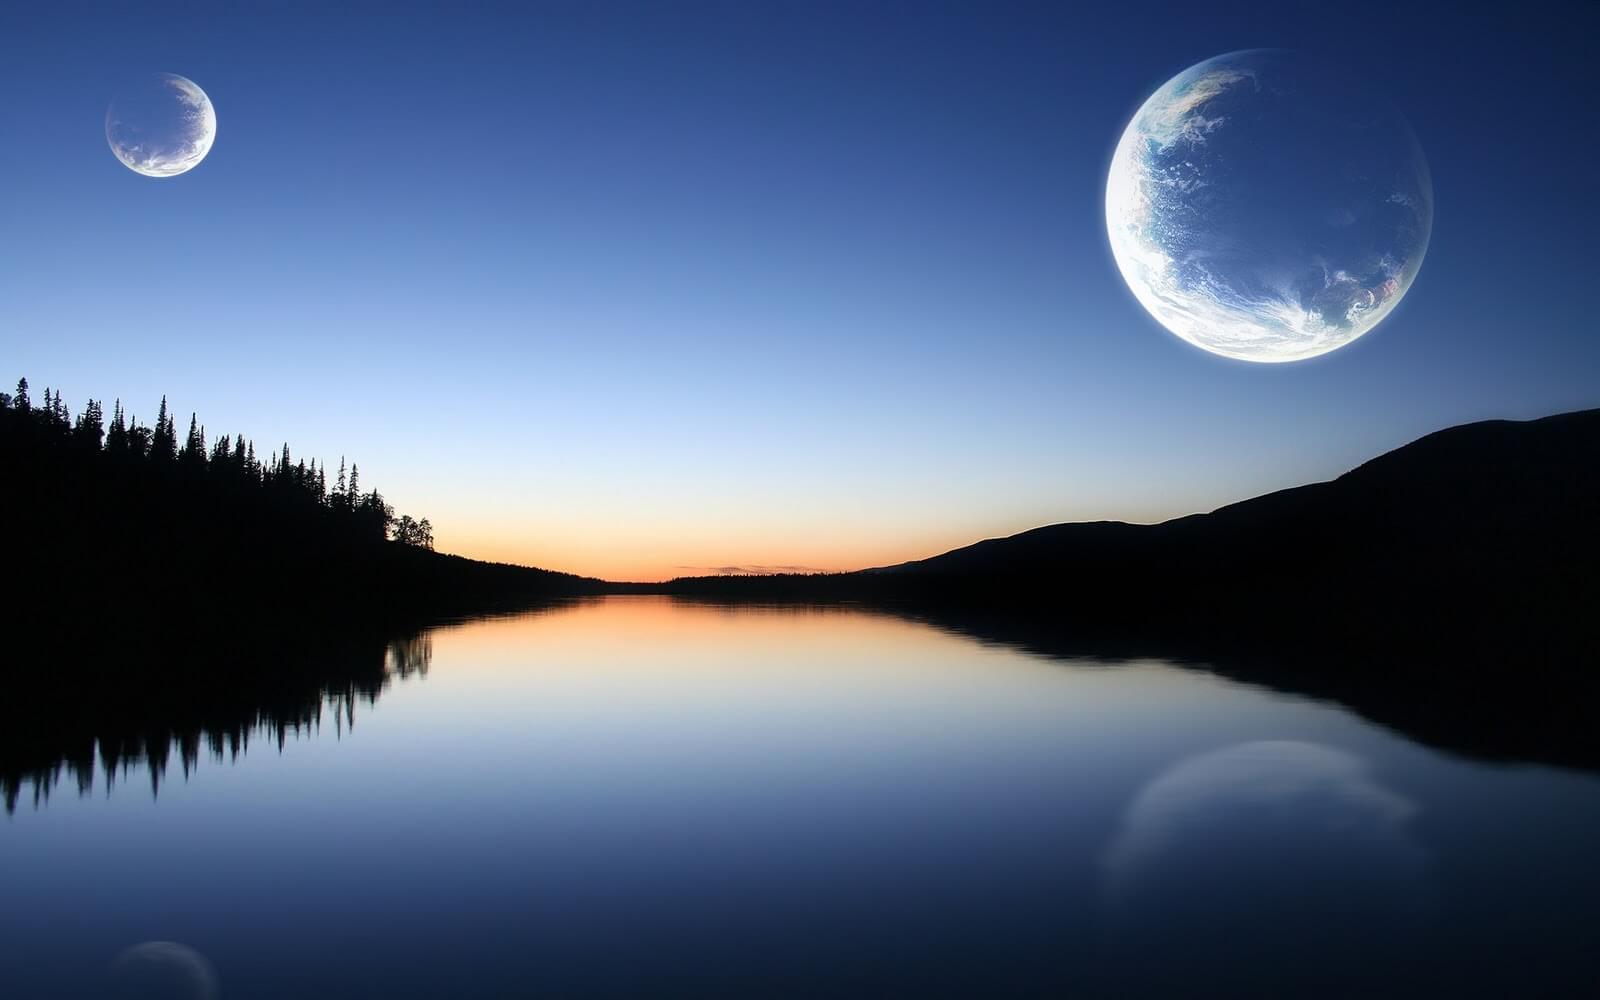 พระจันทร์ 2 ดวง